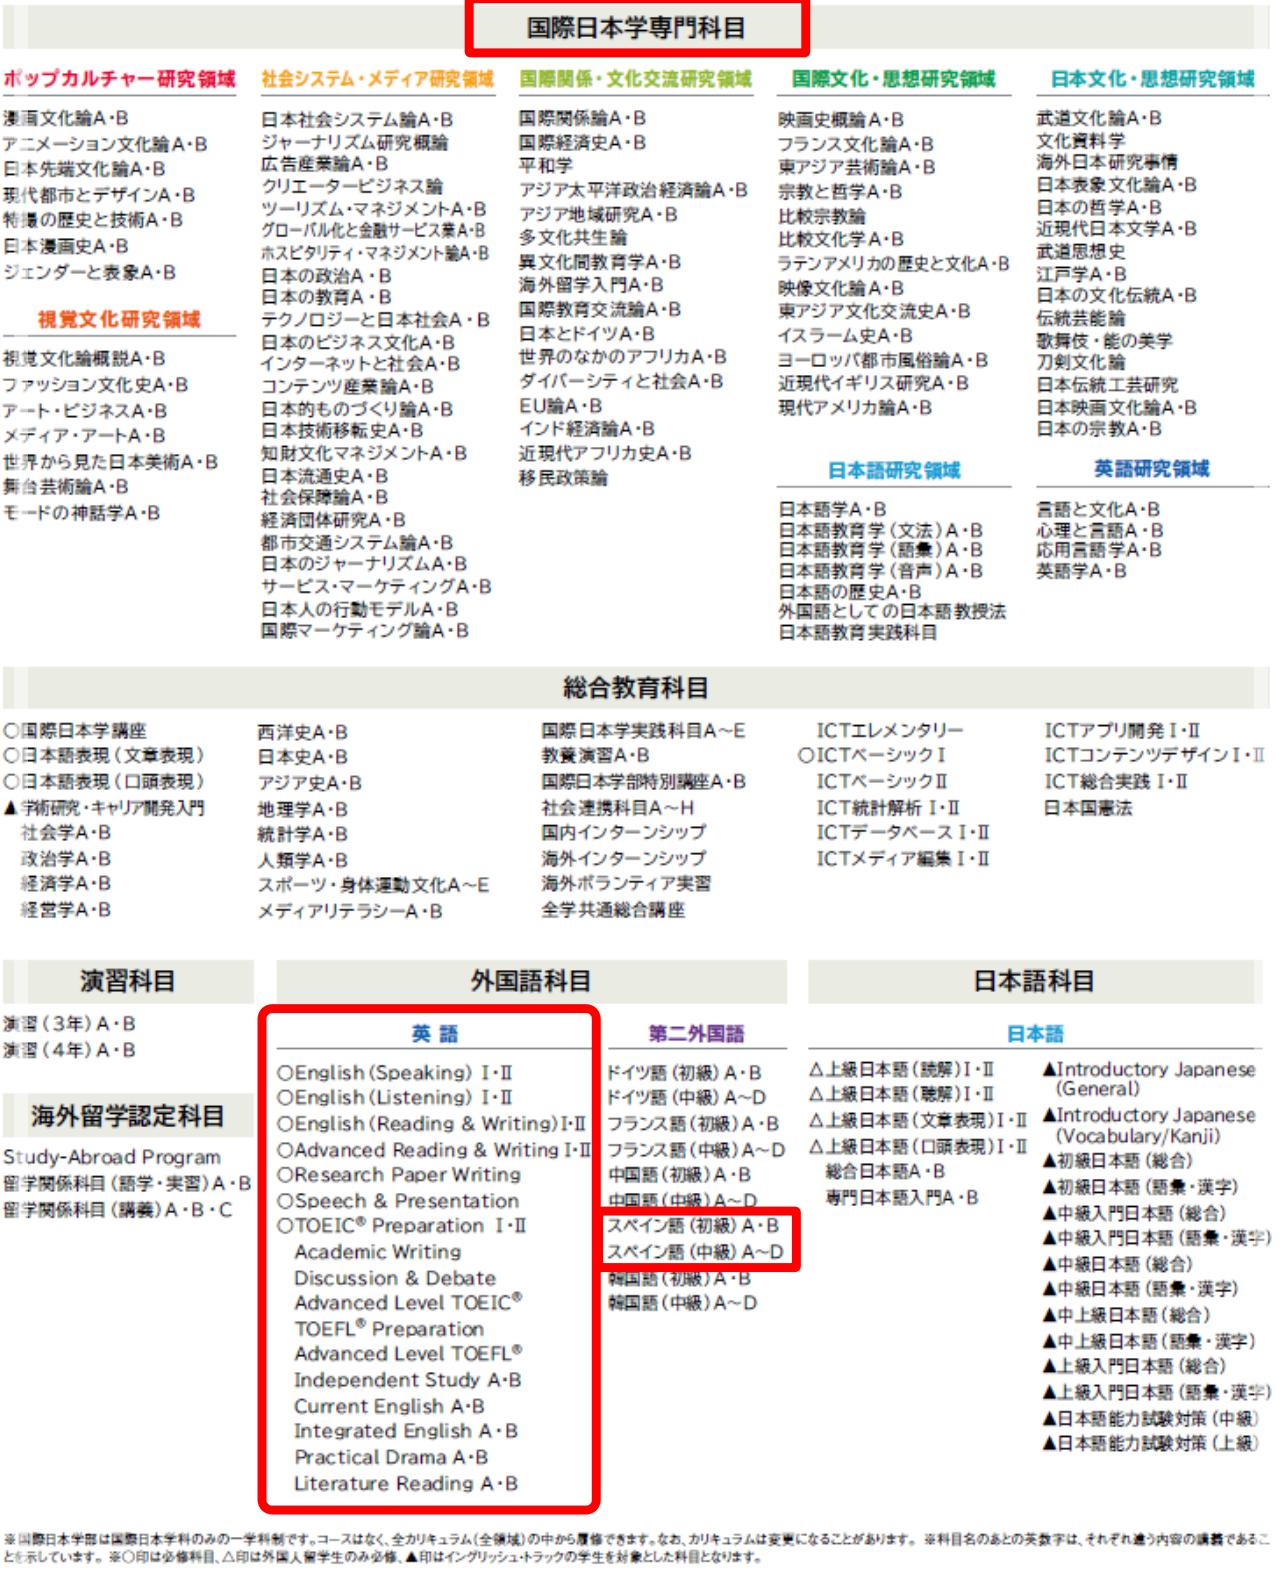 明治大学国際日本学部は英語とスペイン語学べる